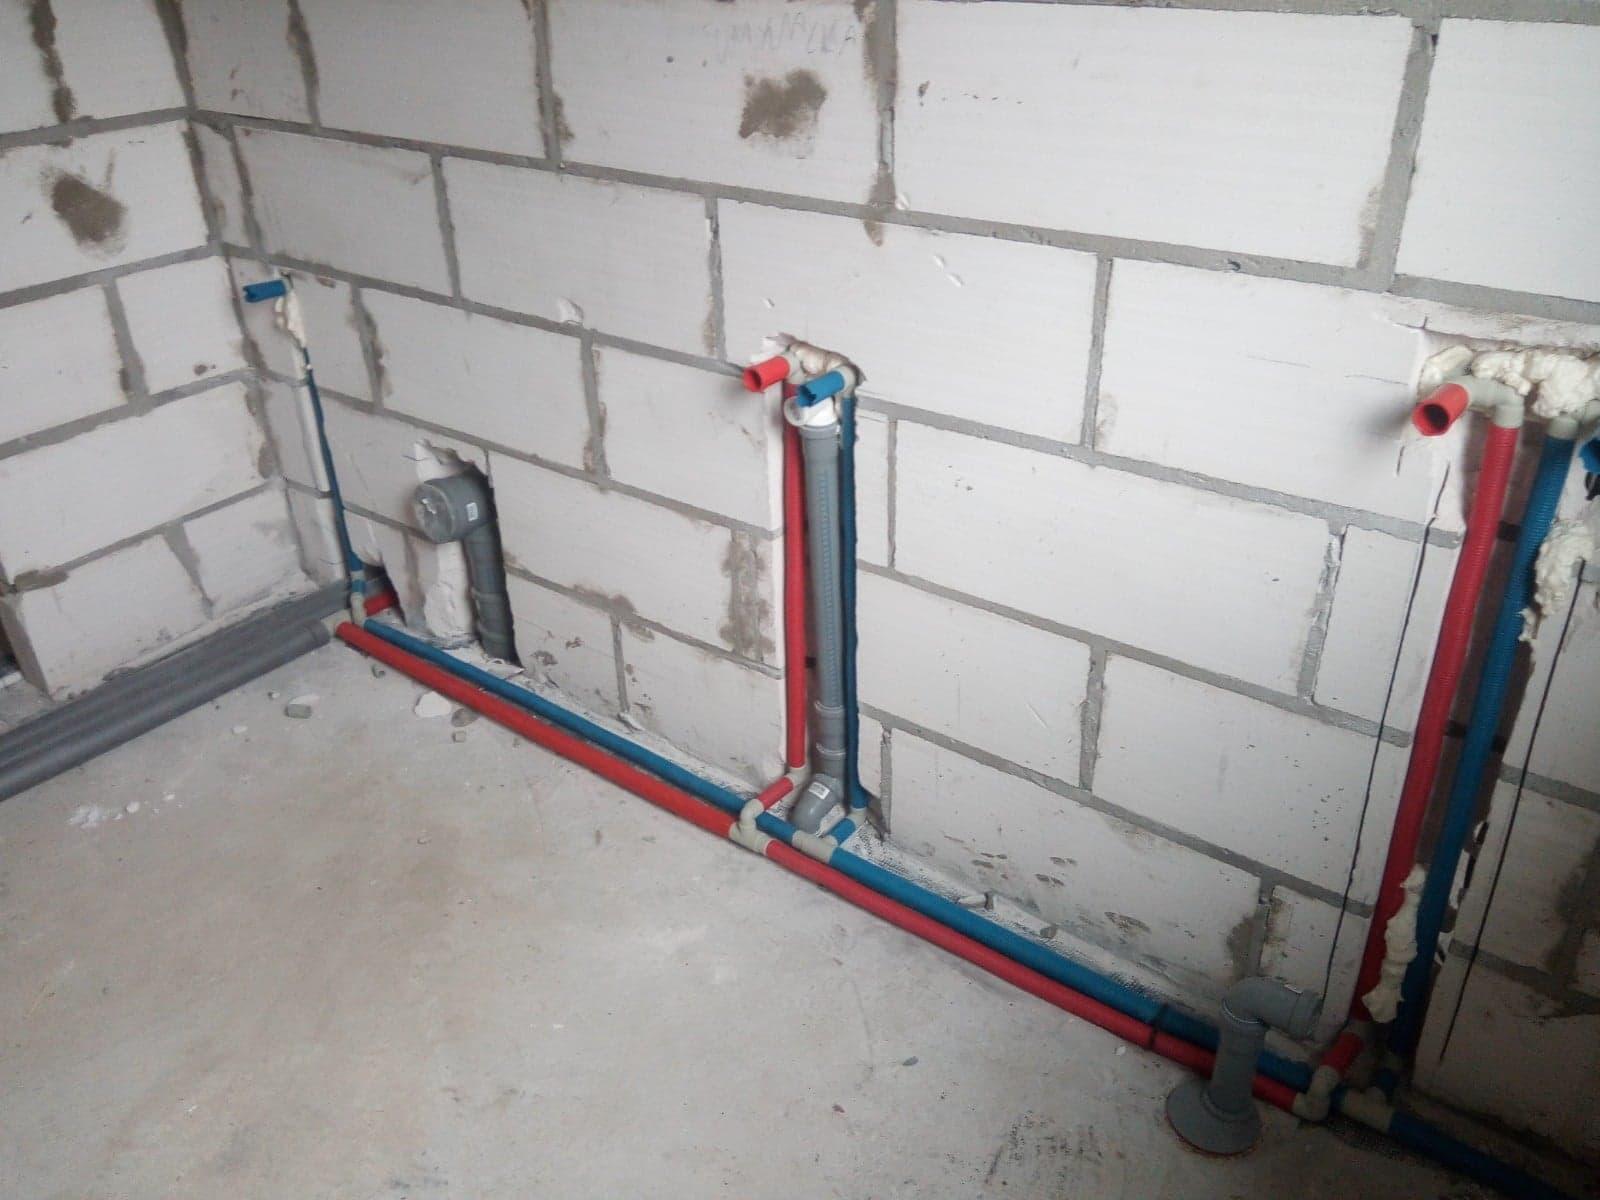 instalacja wodna Starachowice Osrowiec Skarżysko